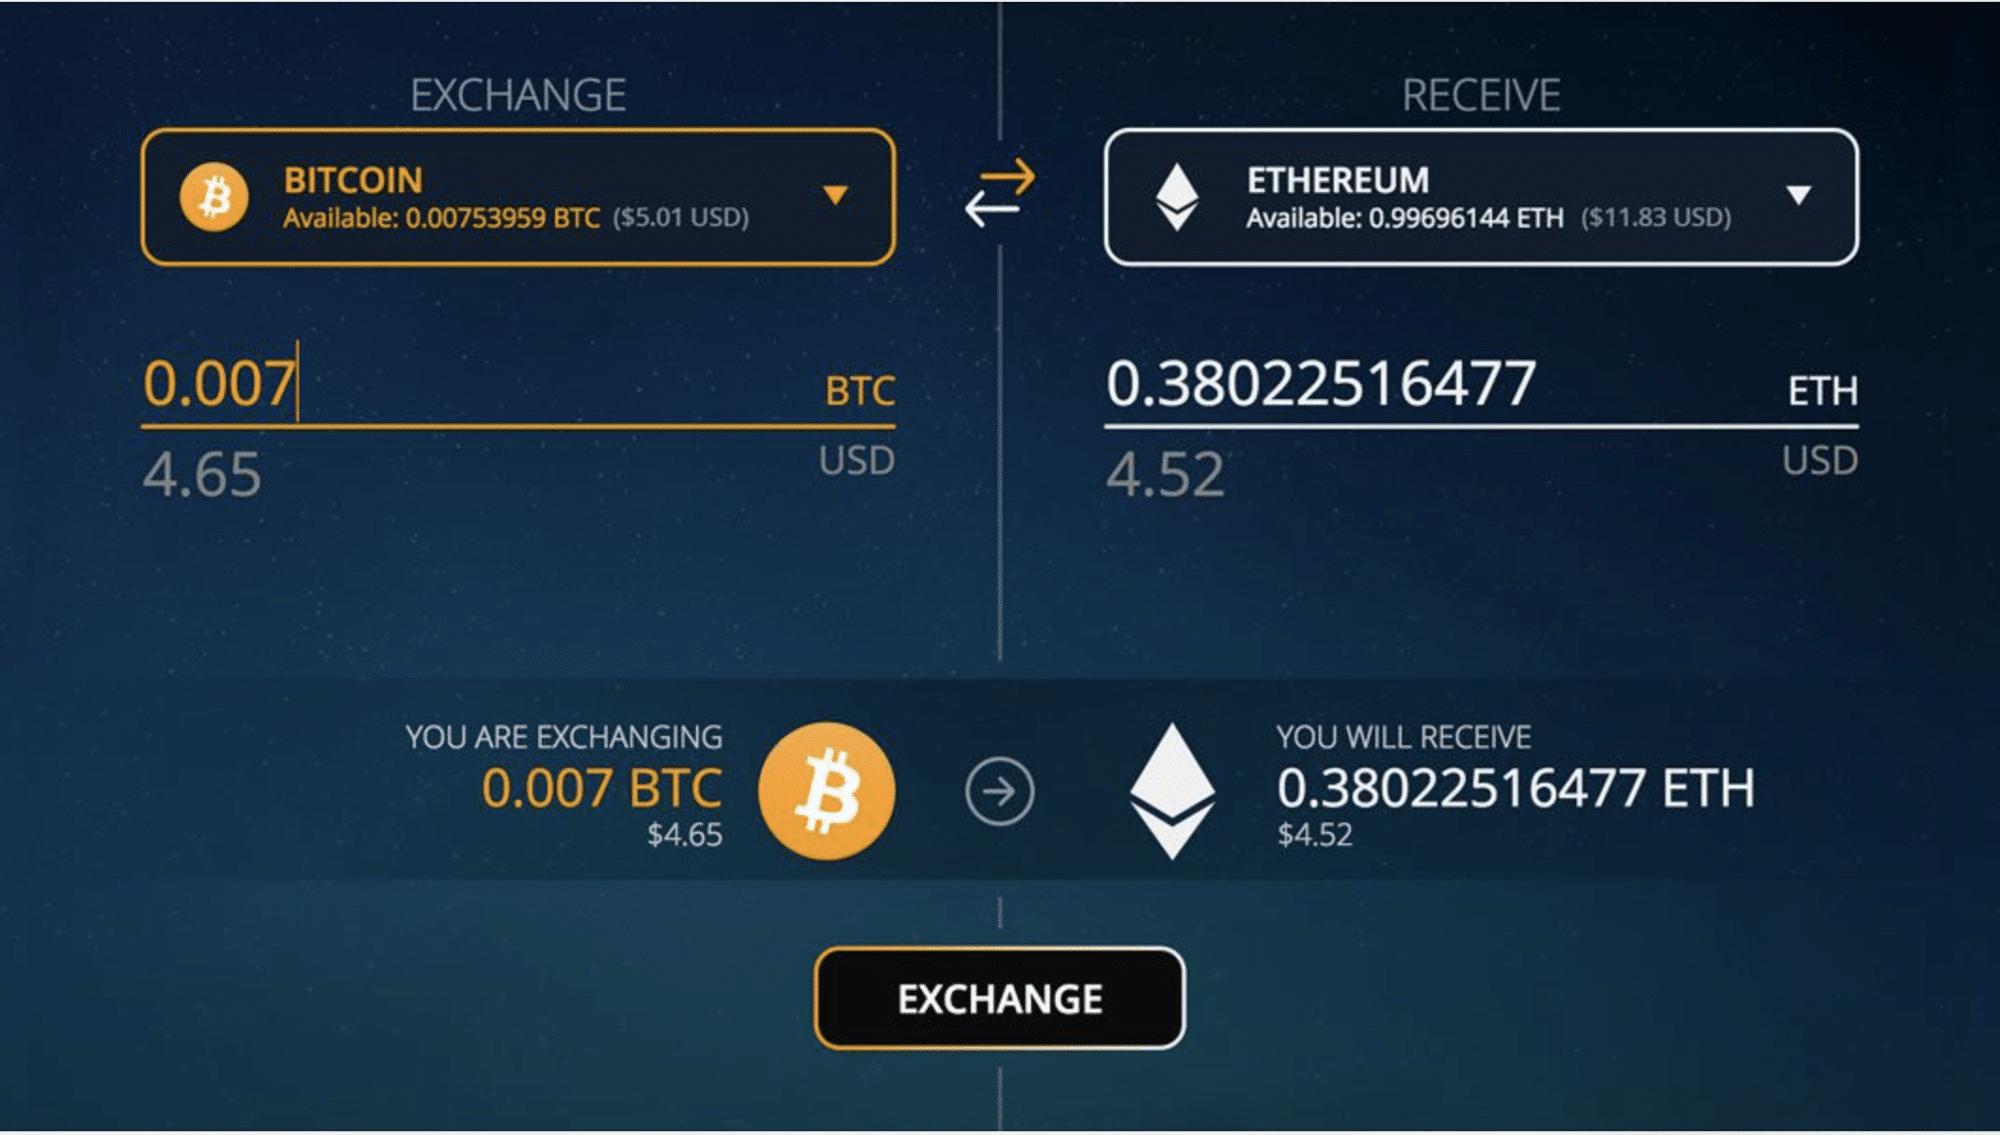 Exchanges - das Einfallstor zu Cryptowelt